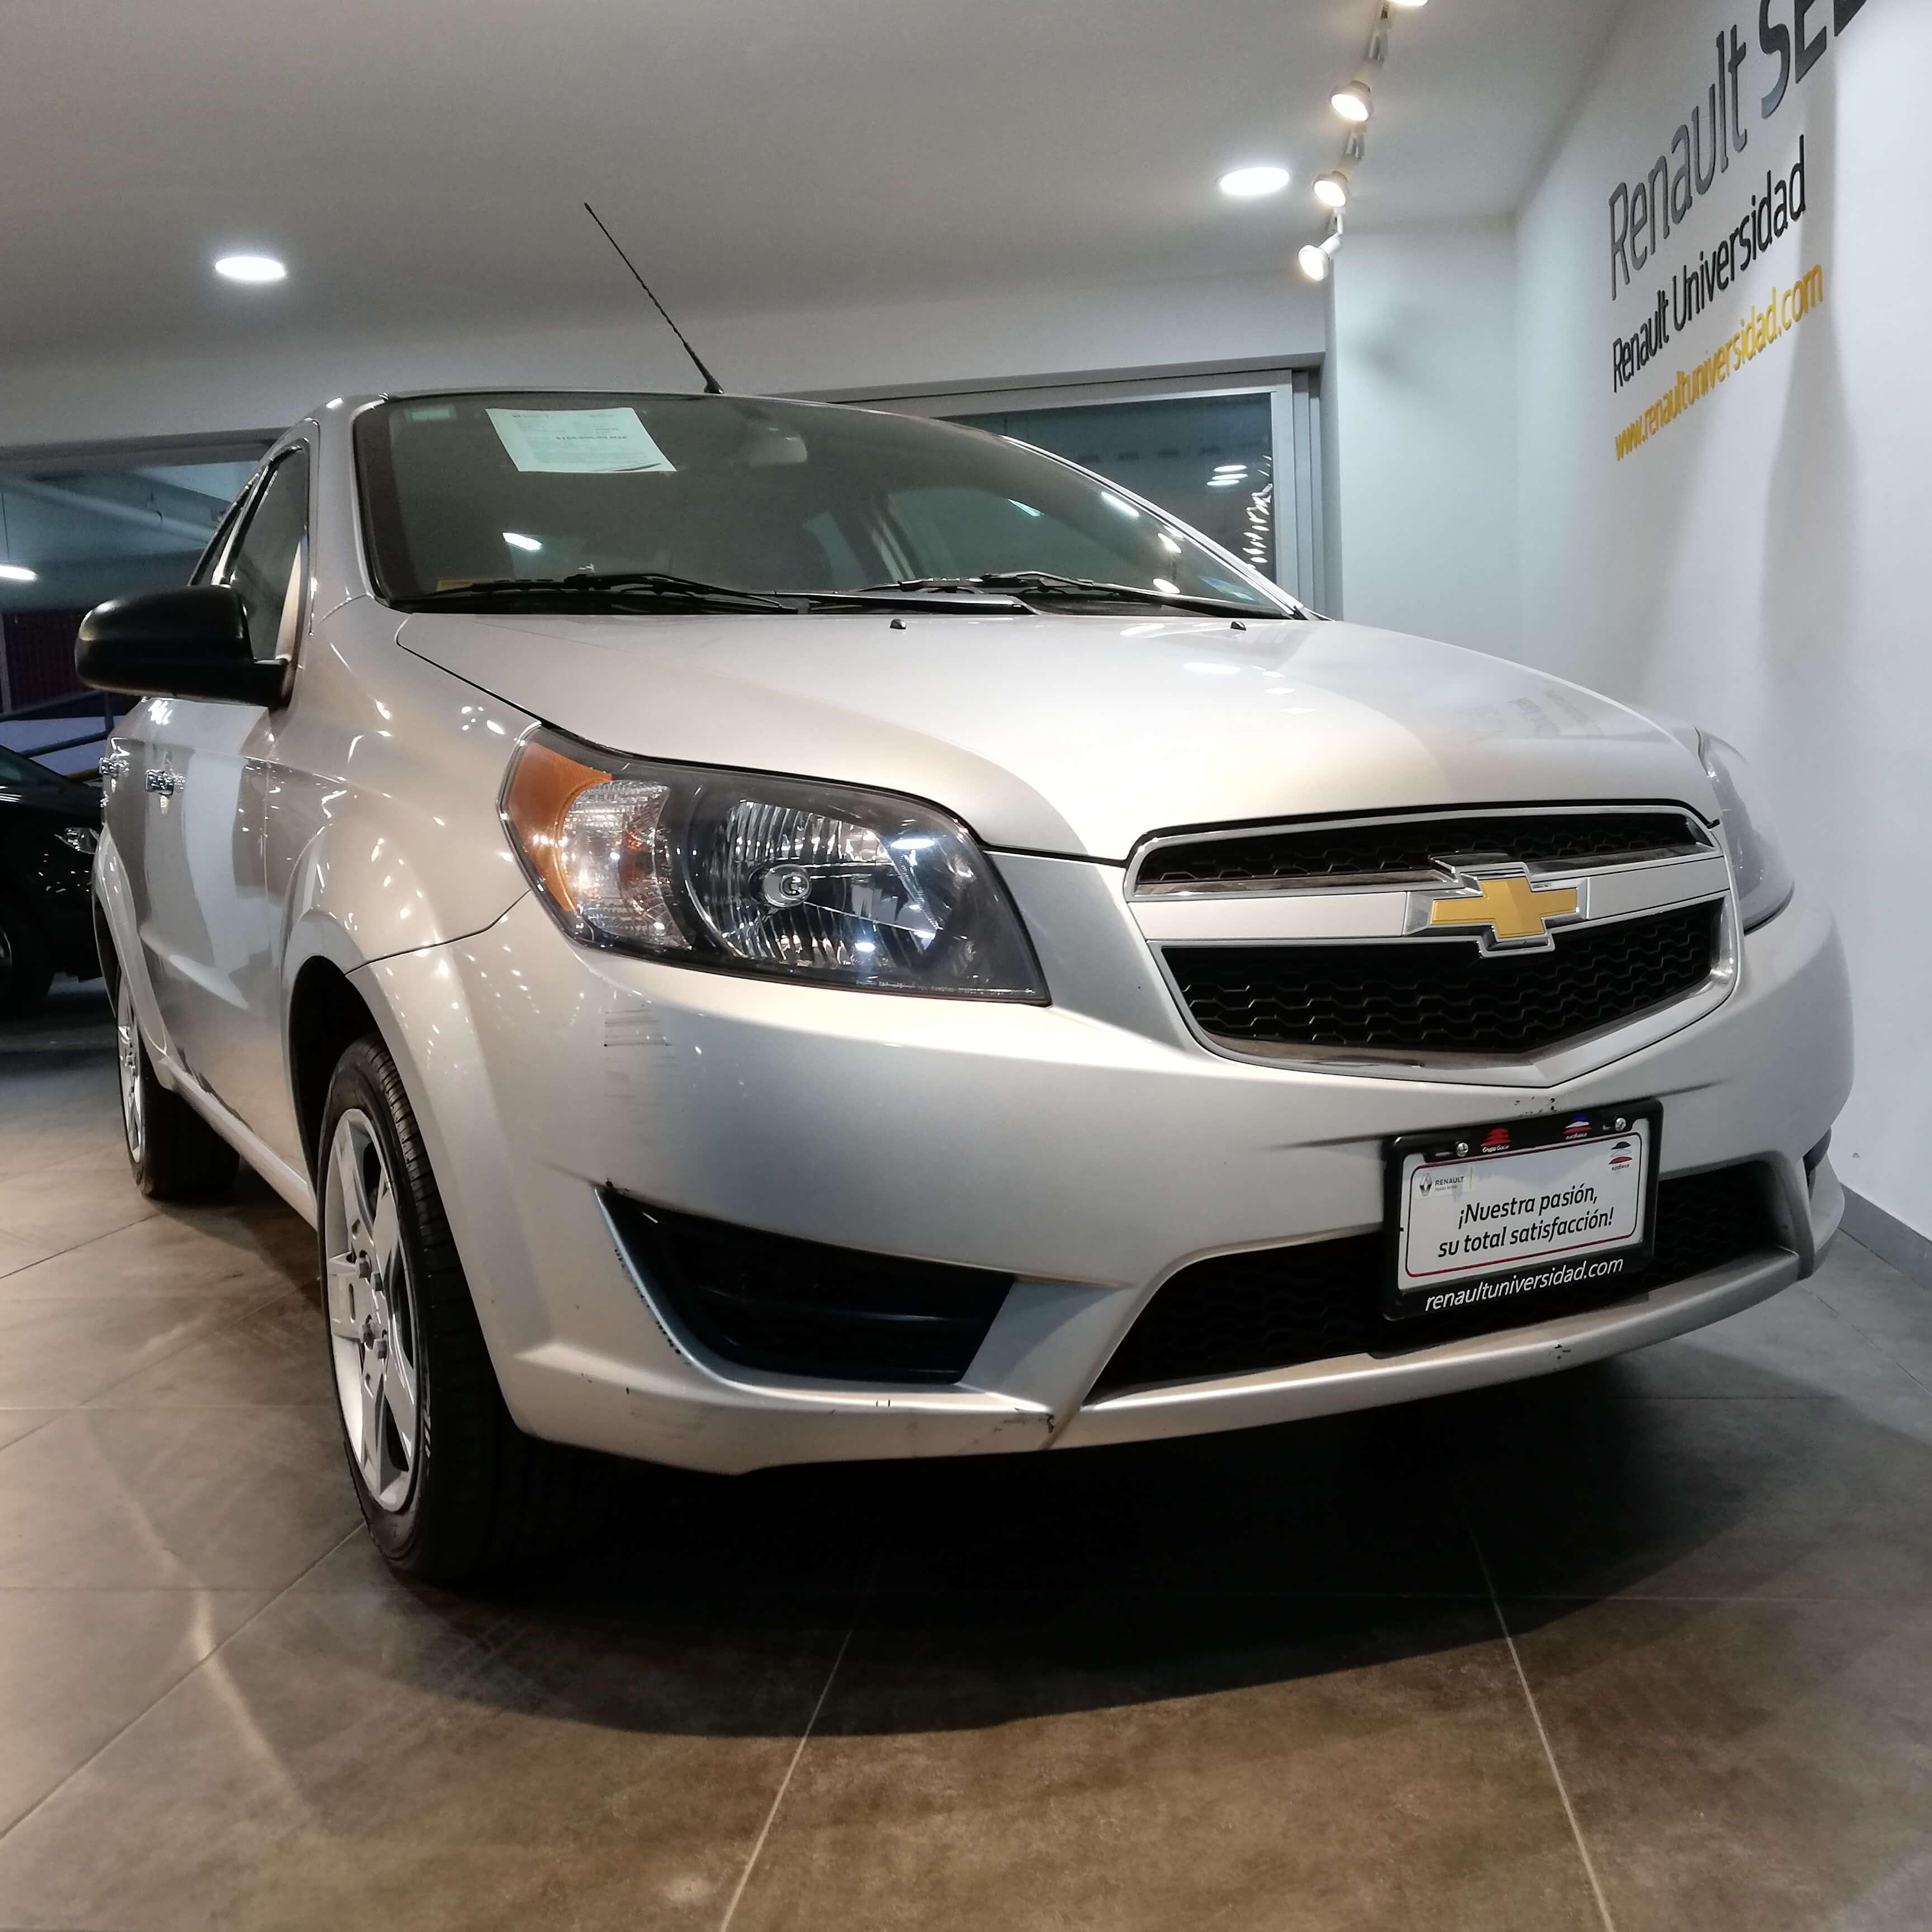 Chevrolet Aveo 149,000